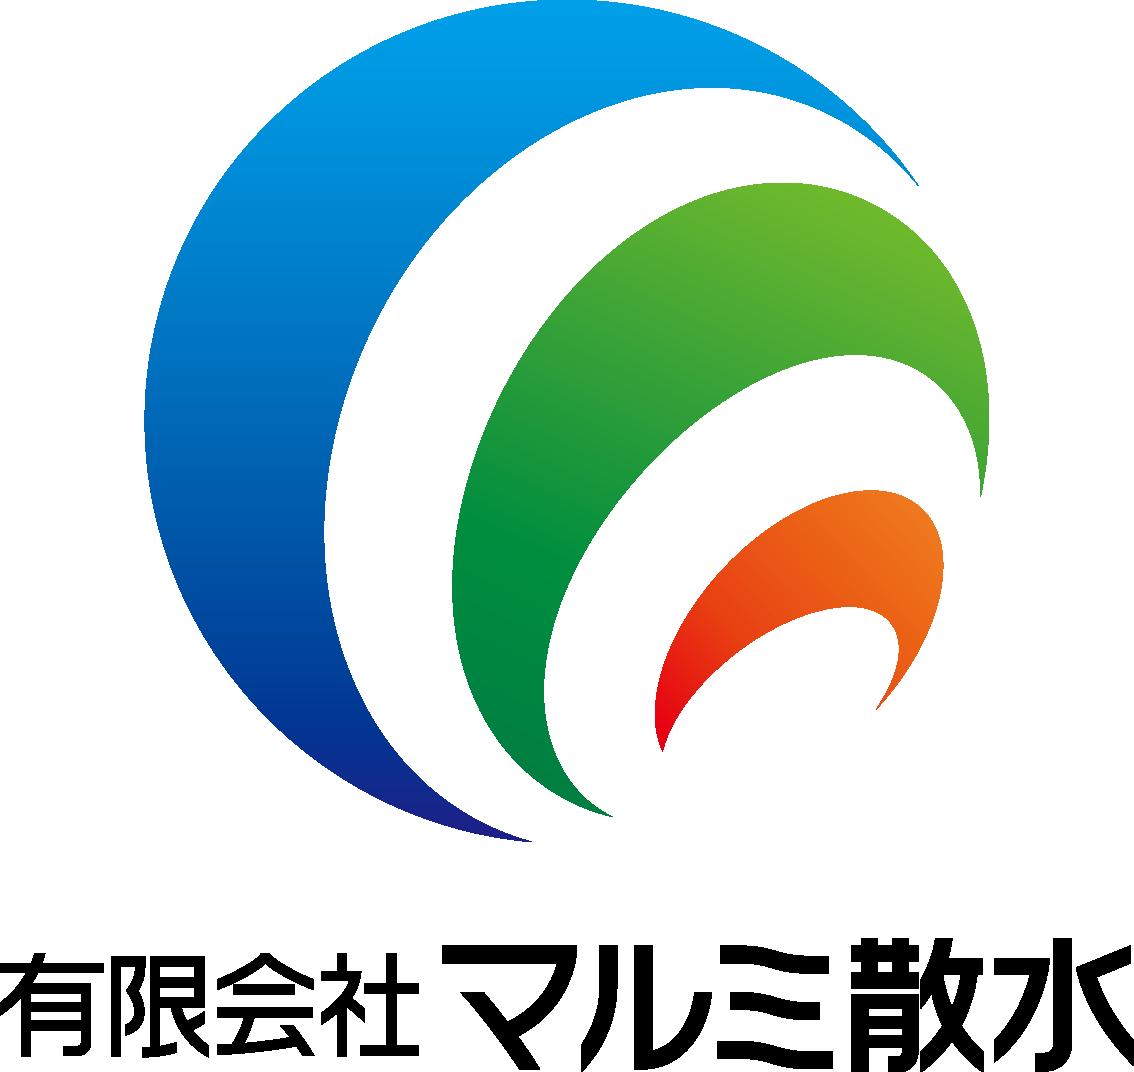 建築/建設/設備/設計/造園と堅め/堅実とマルチカラーのロゴ